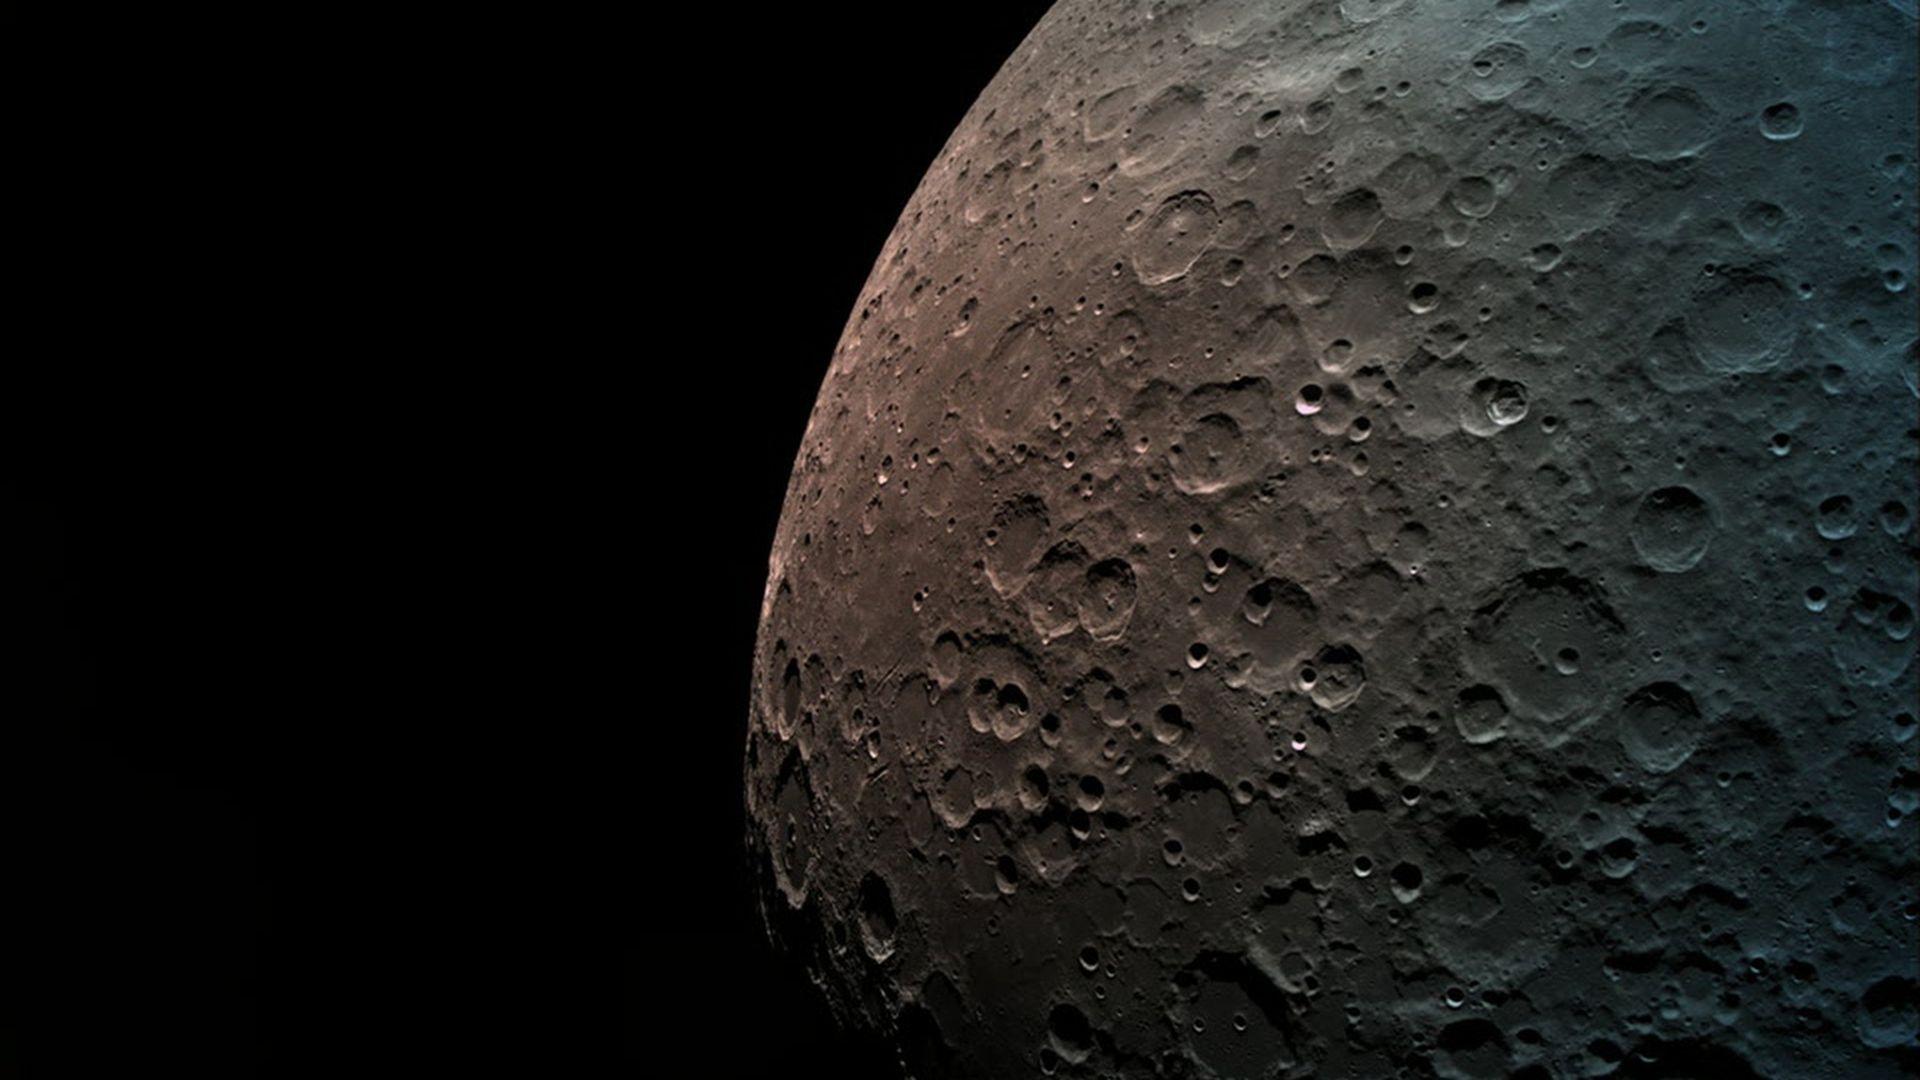 The moon as seen by Israel's Beresheet lander.